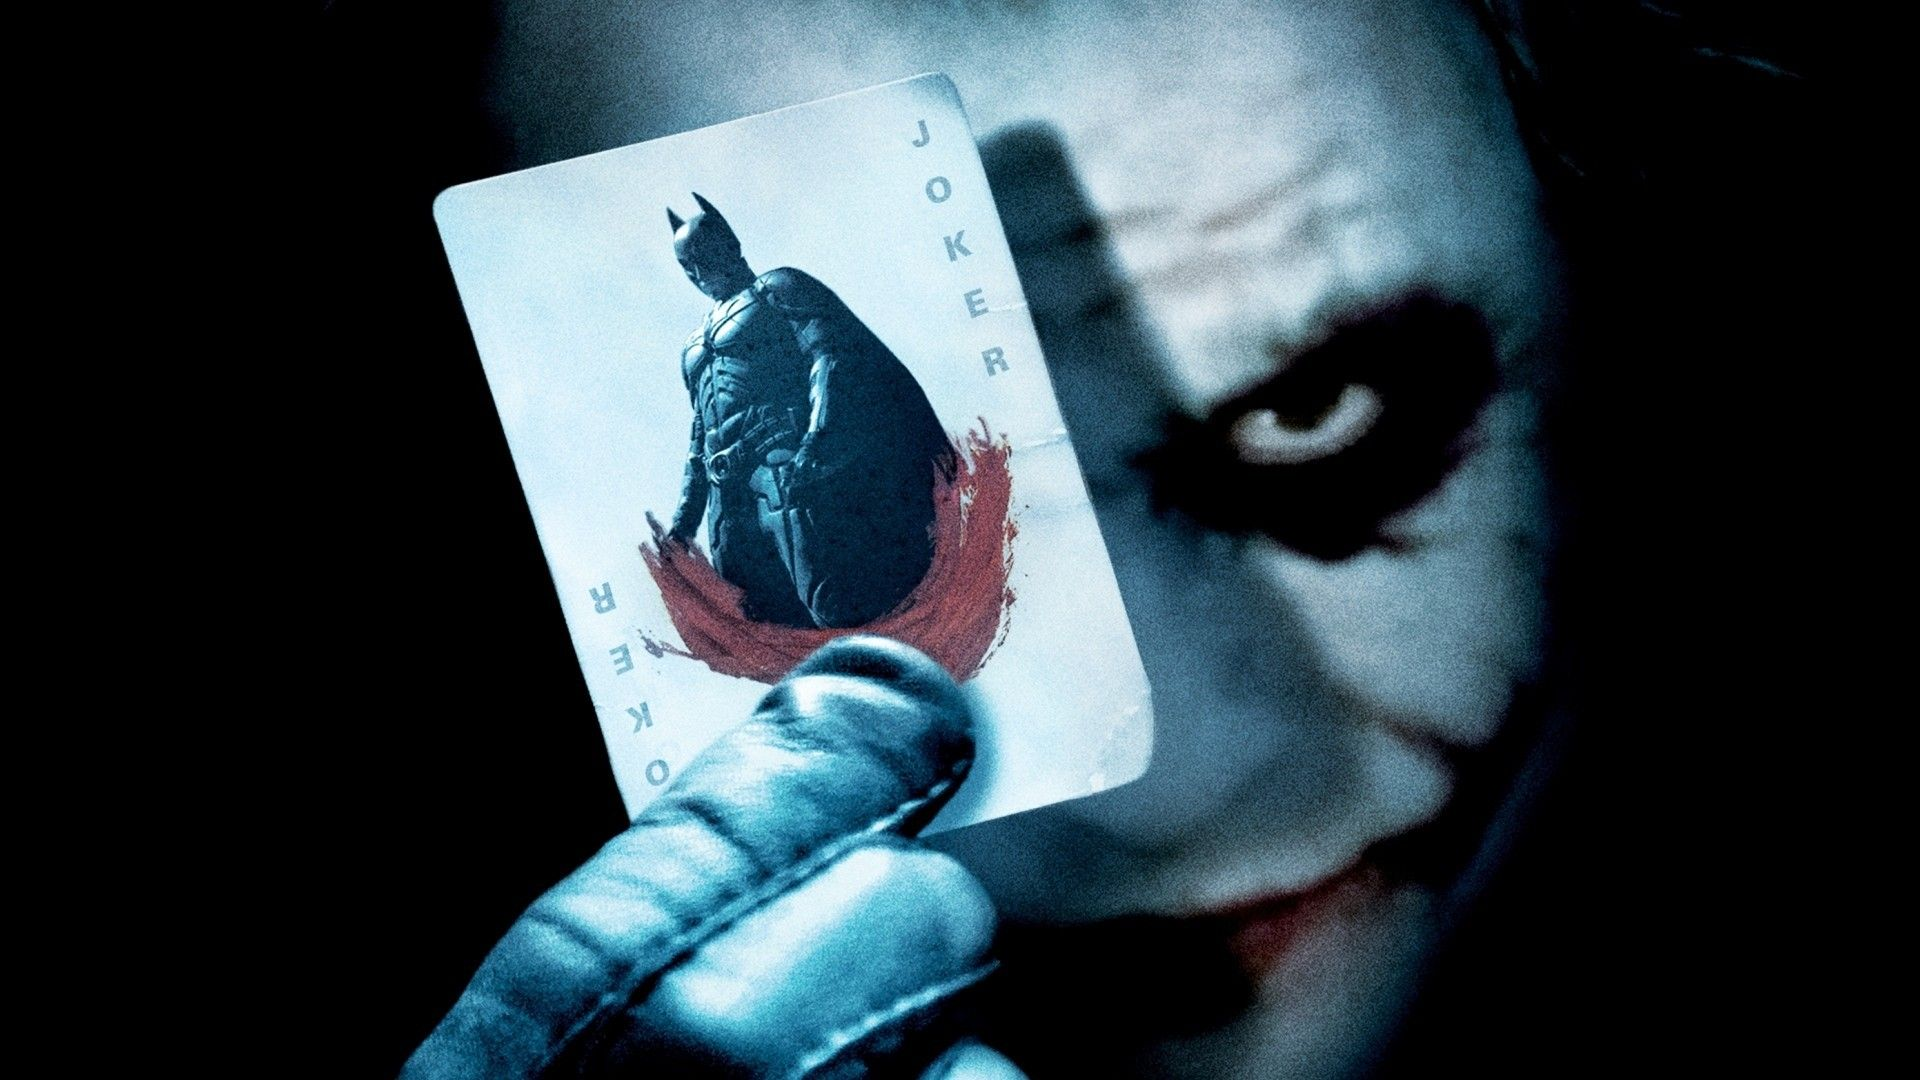 Batman Joker Card Batman Bruce Wayne Imagenes De La Muerte 4k Ultra Hd Wallpapers High resolution 4k ultra hd joker cards